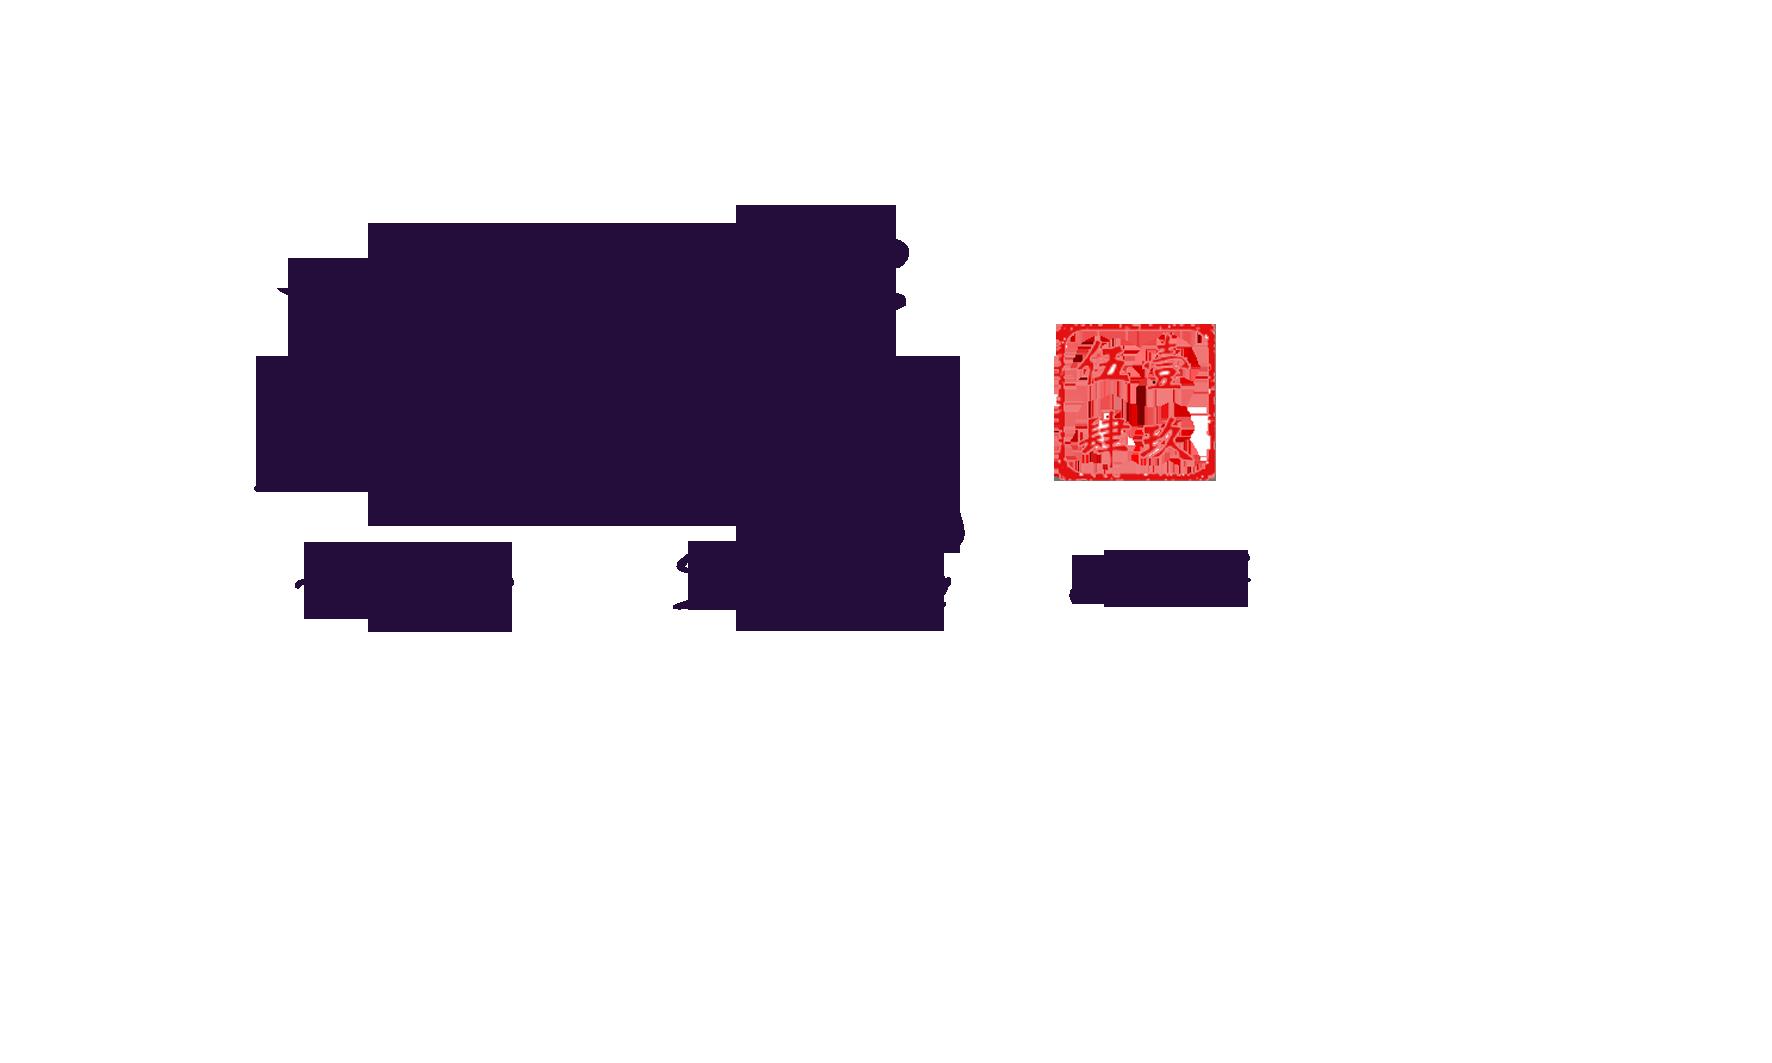 fs1954_logo